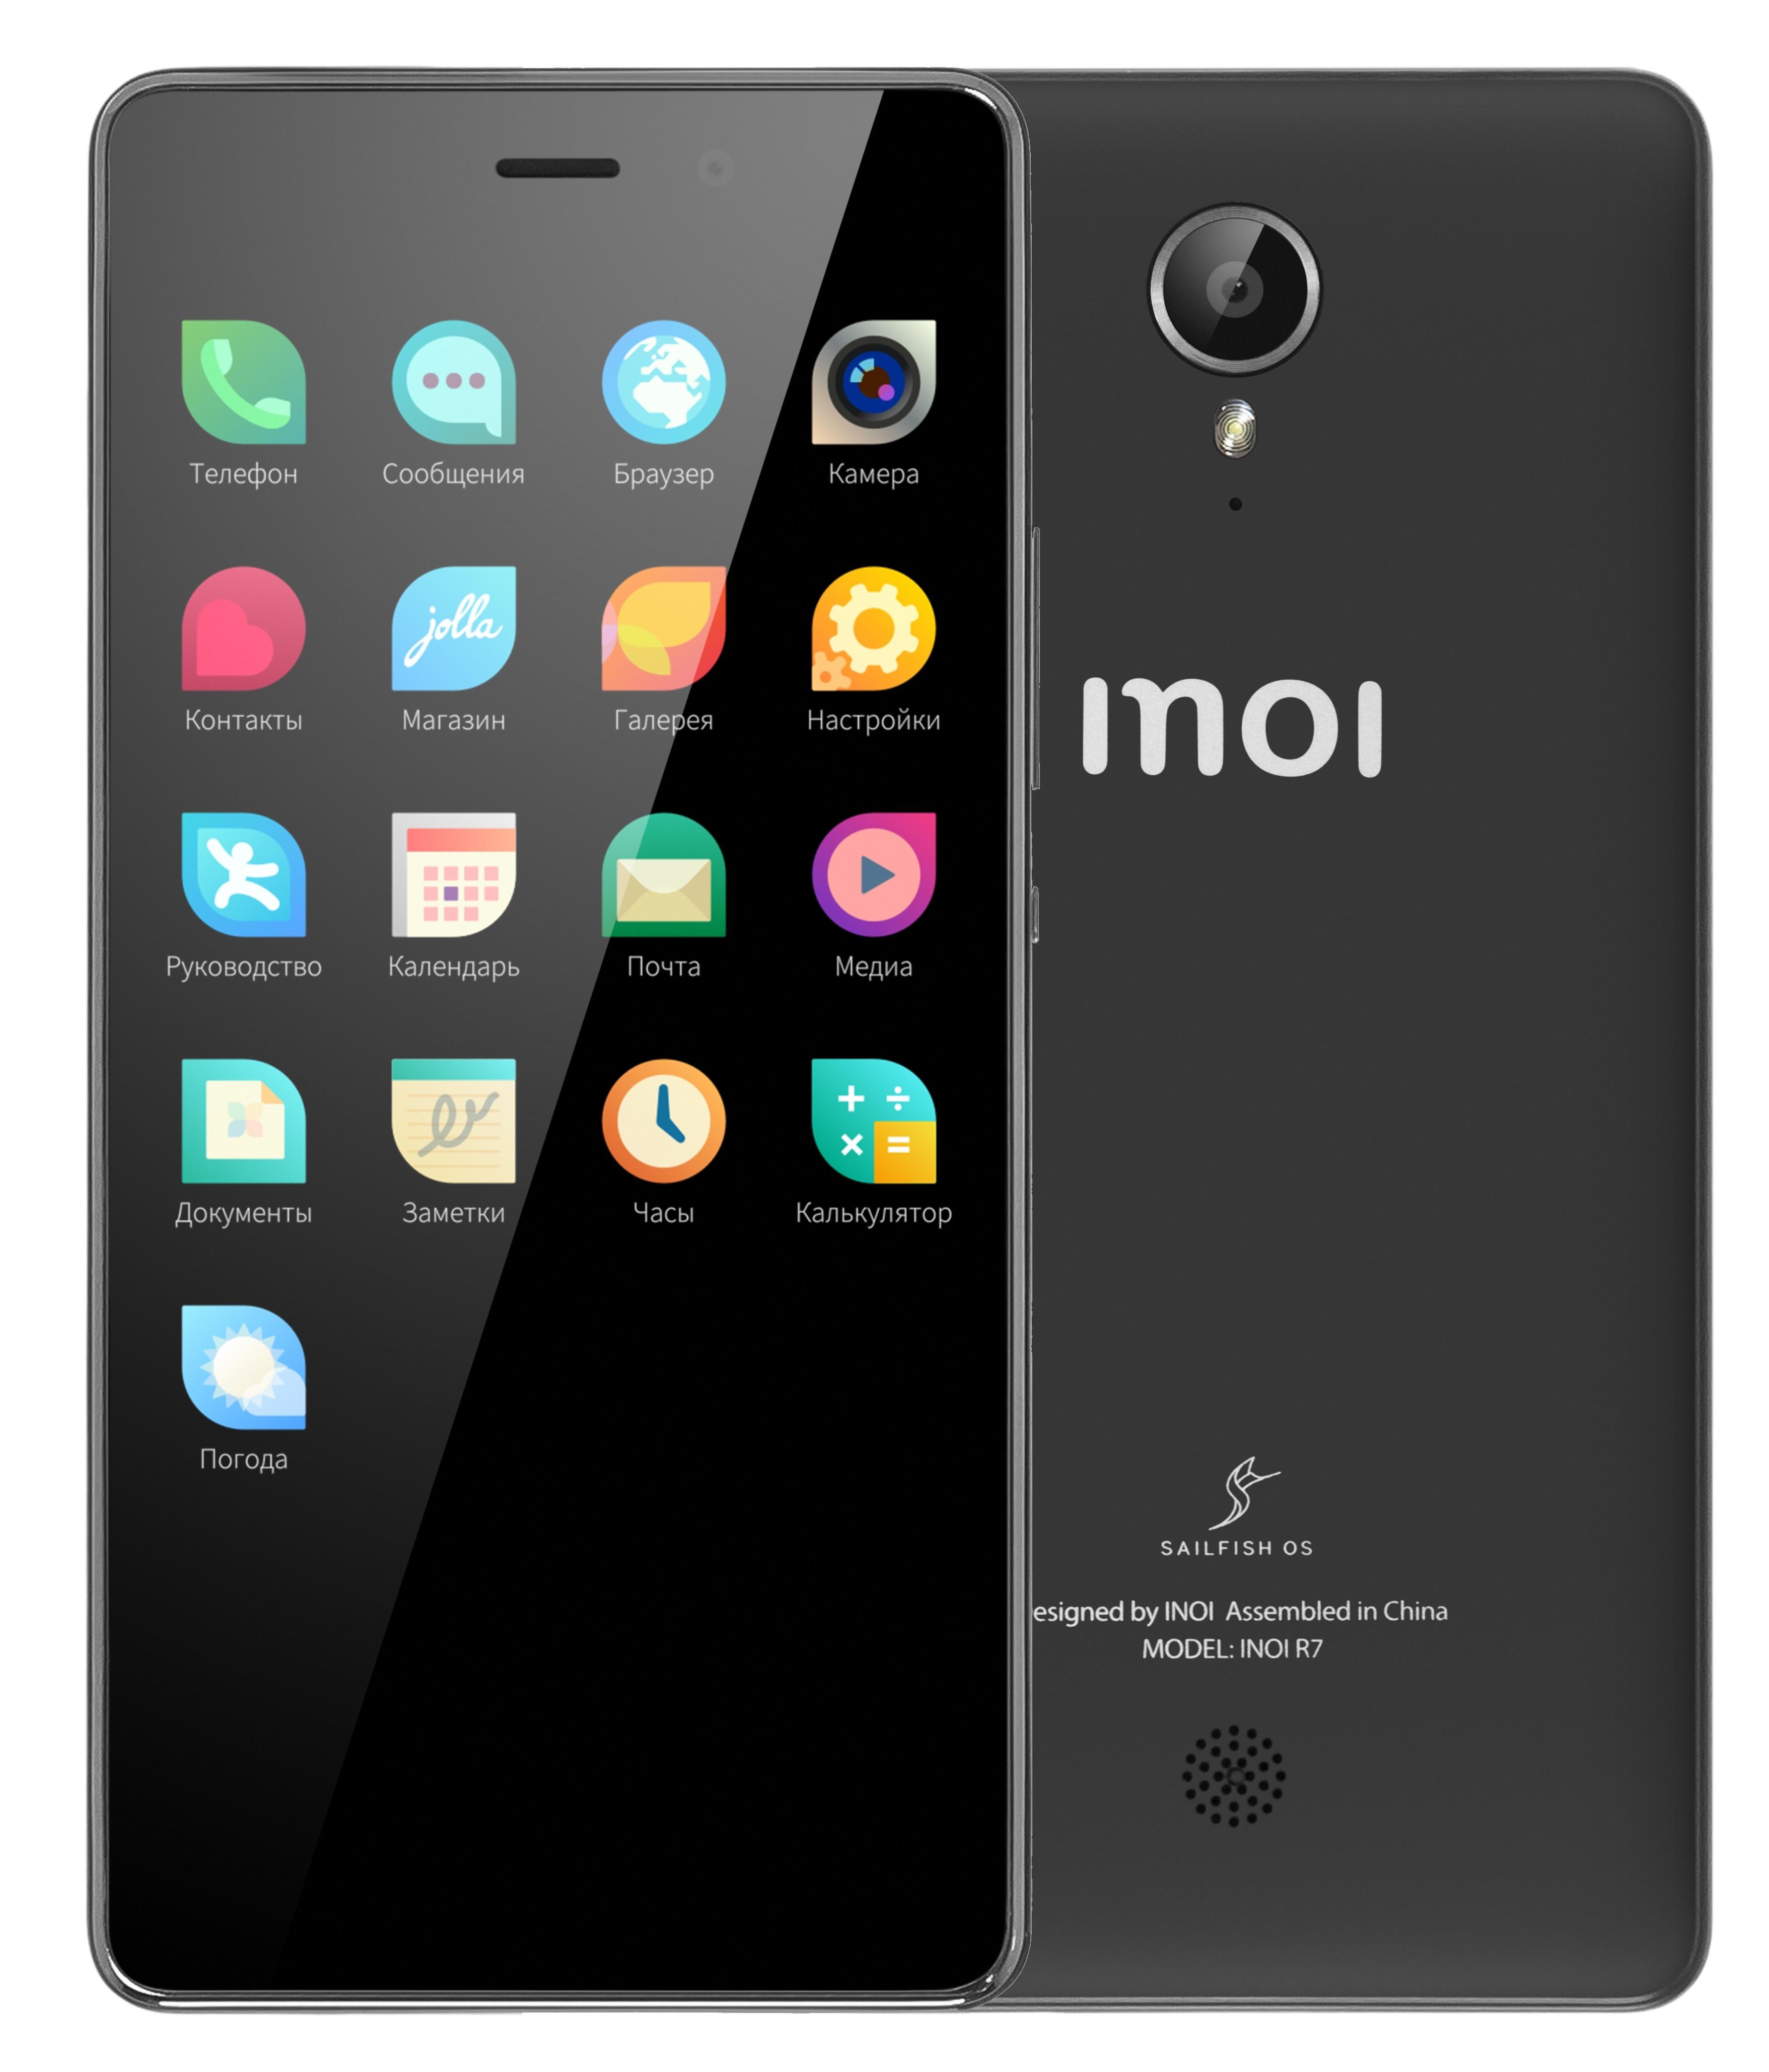 Стартовали продажи смартфона Inoi R7 на российской Sailfish